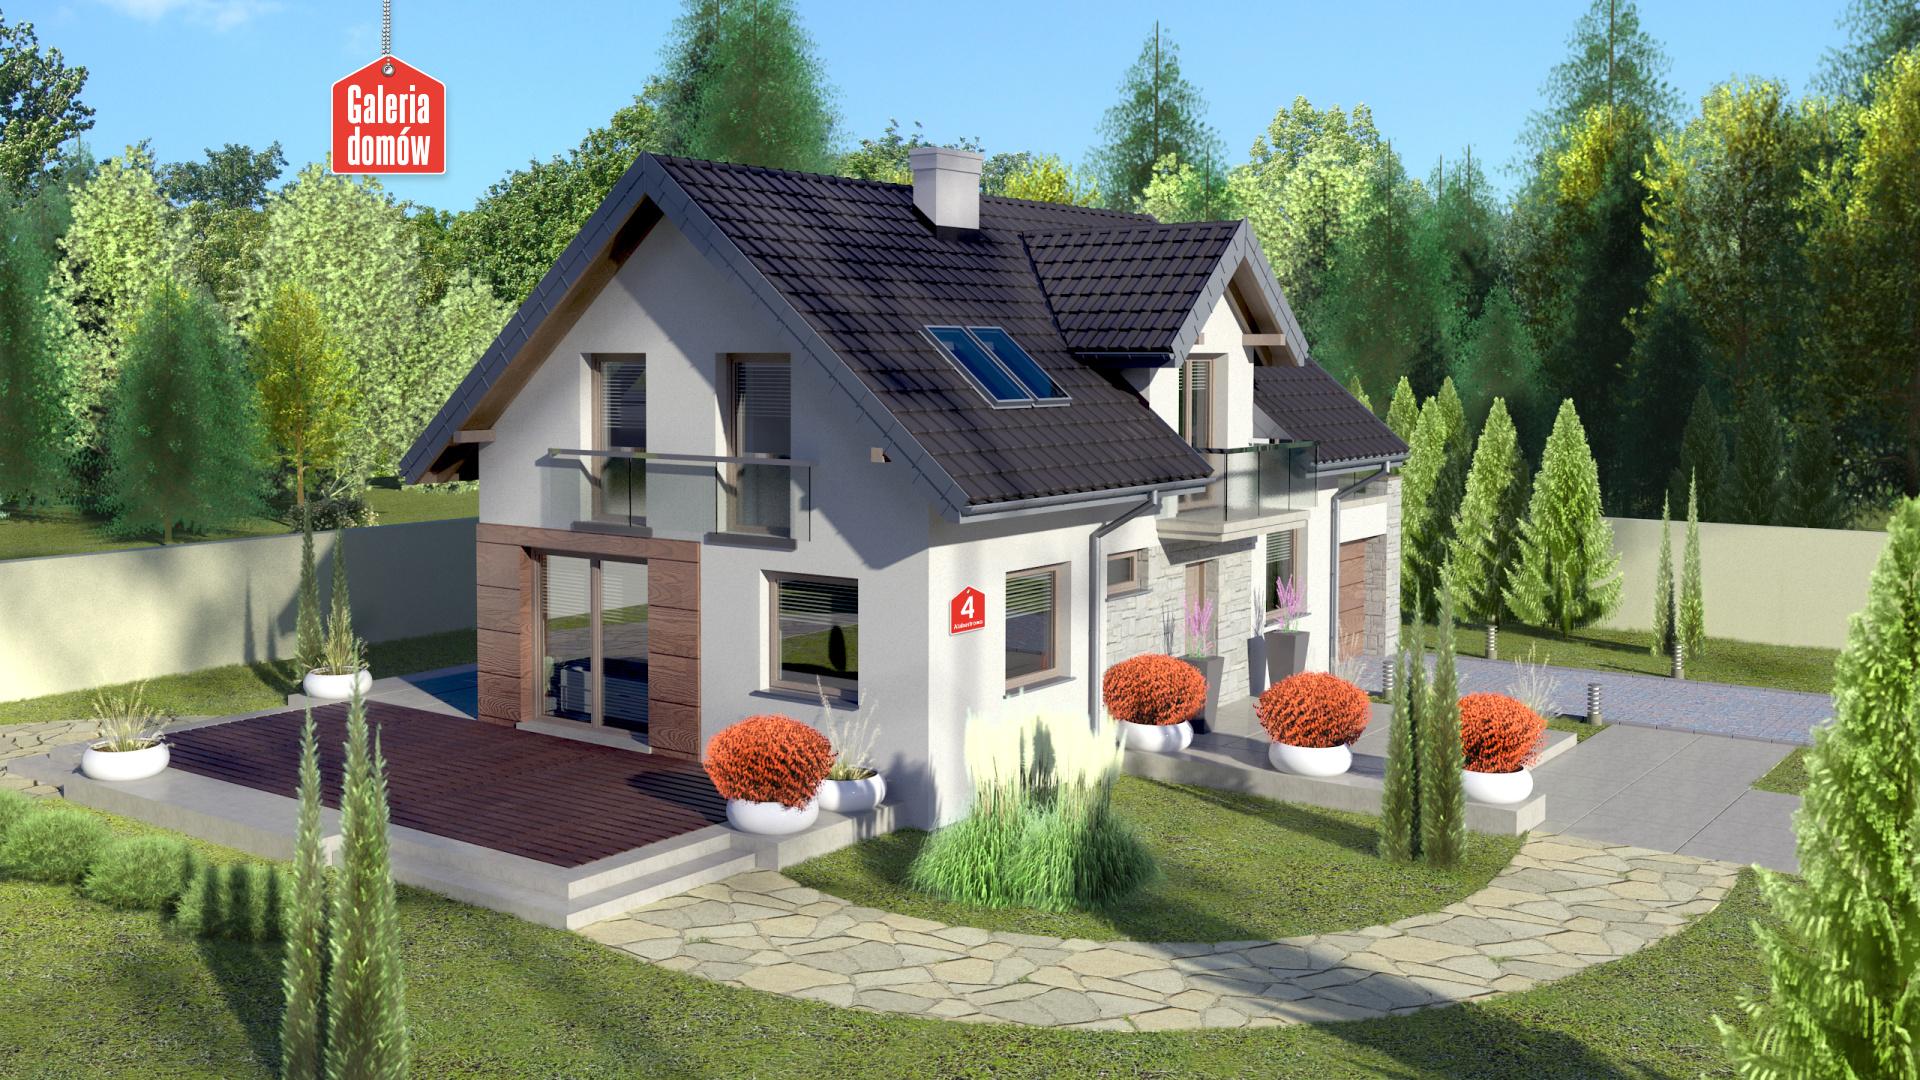 Dom przy Alabastrowej 4 - zdjęcie projektu i wizualizacja